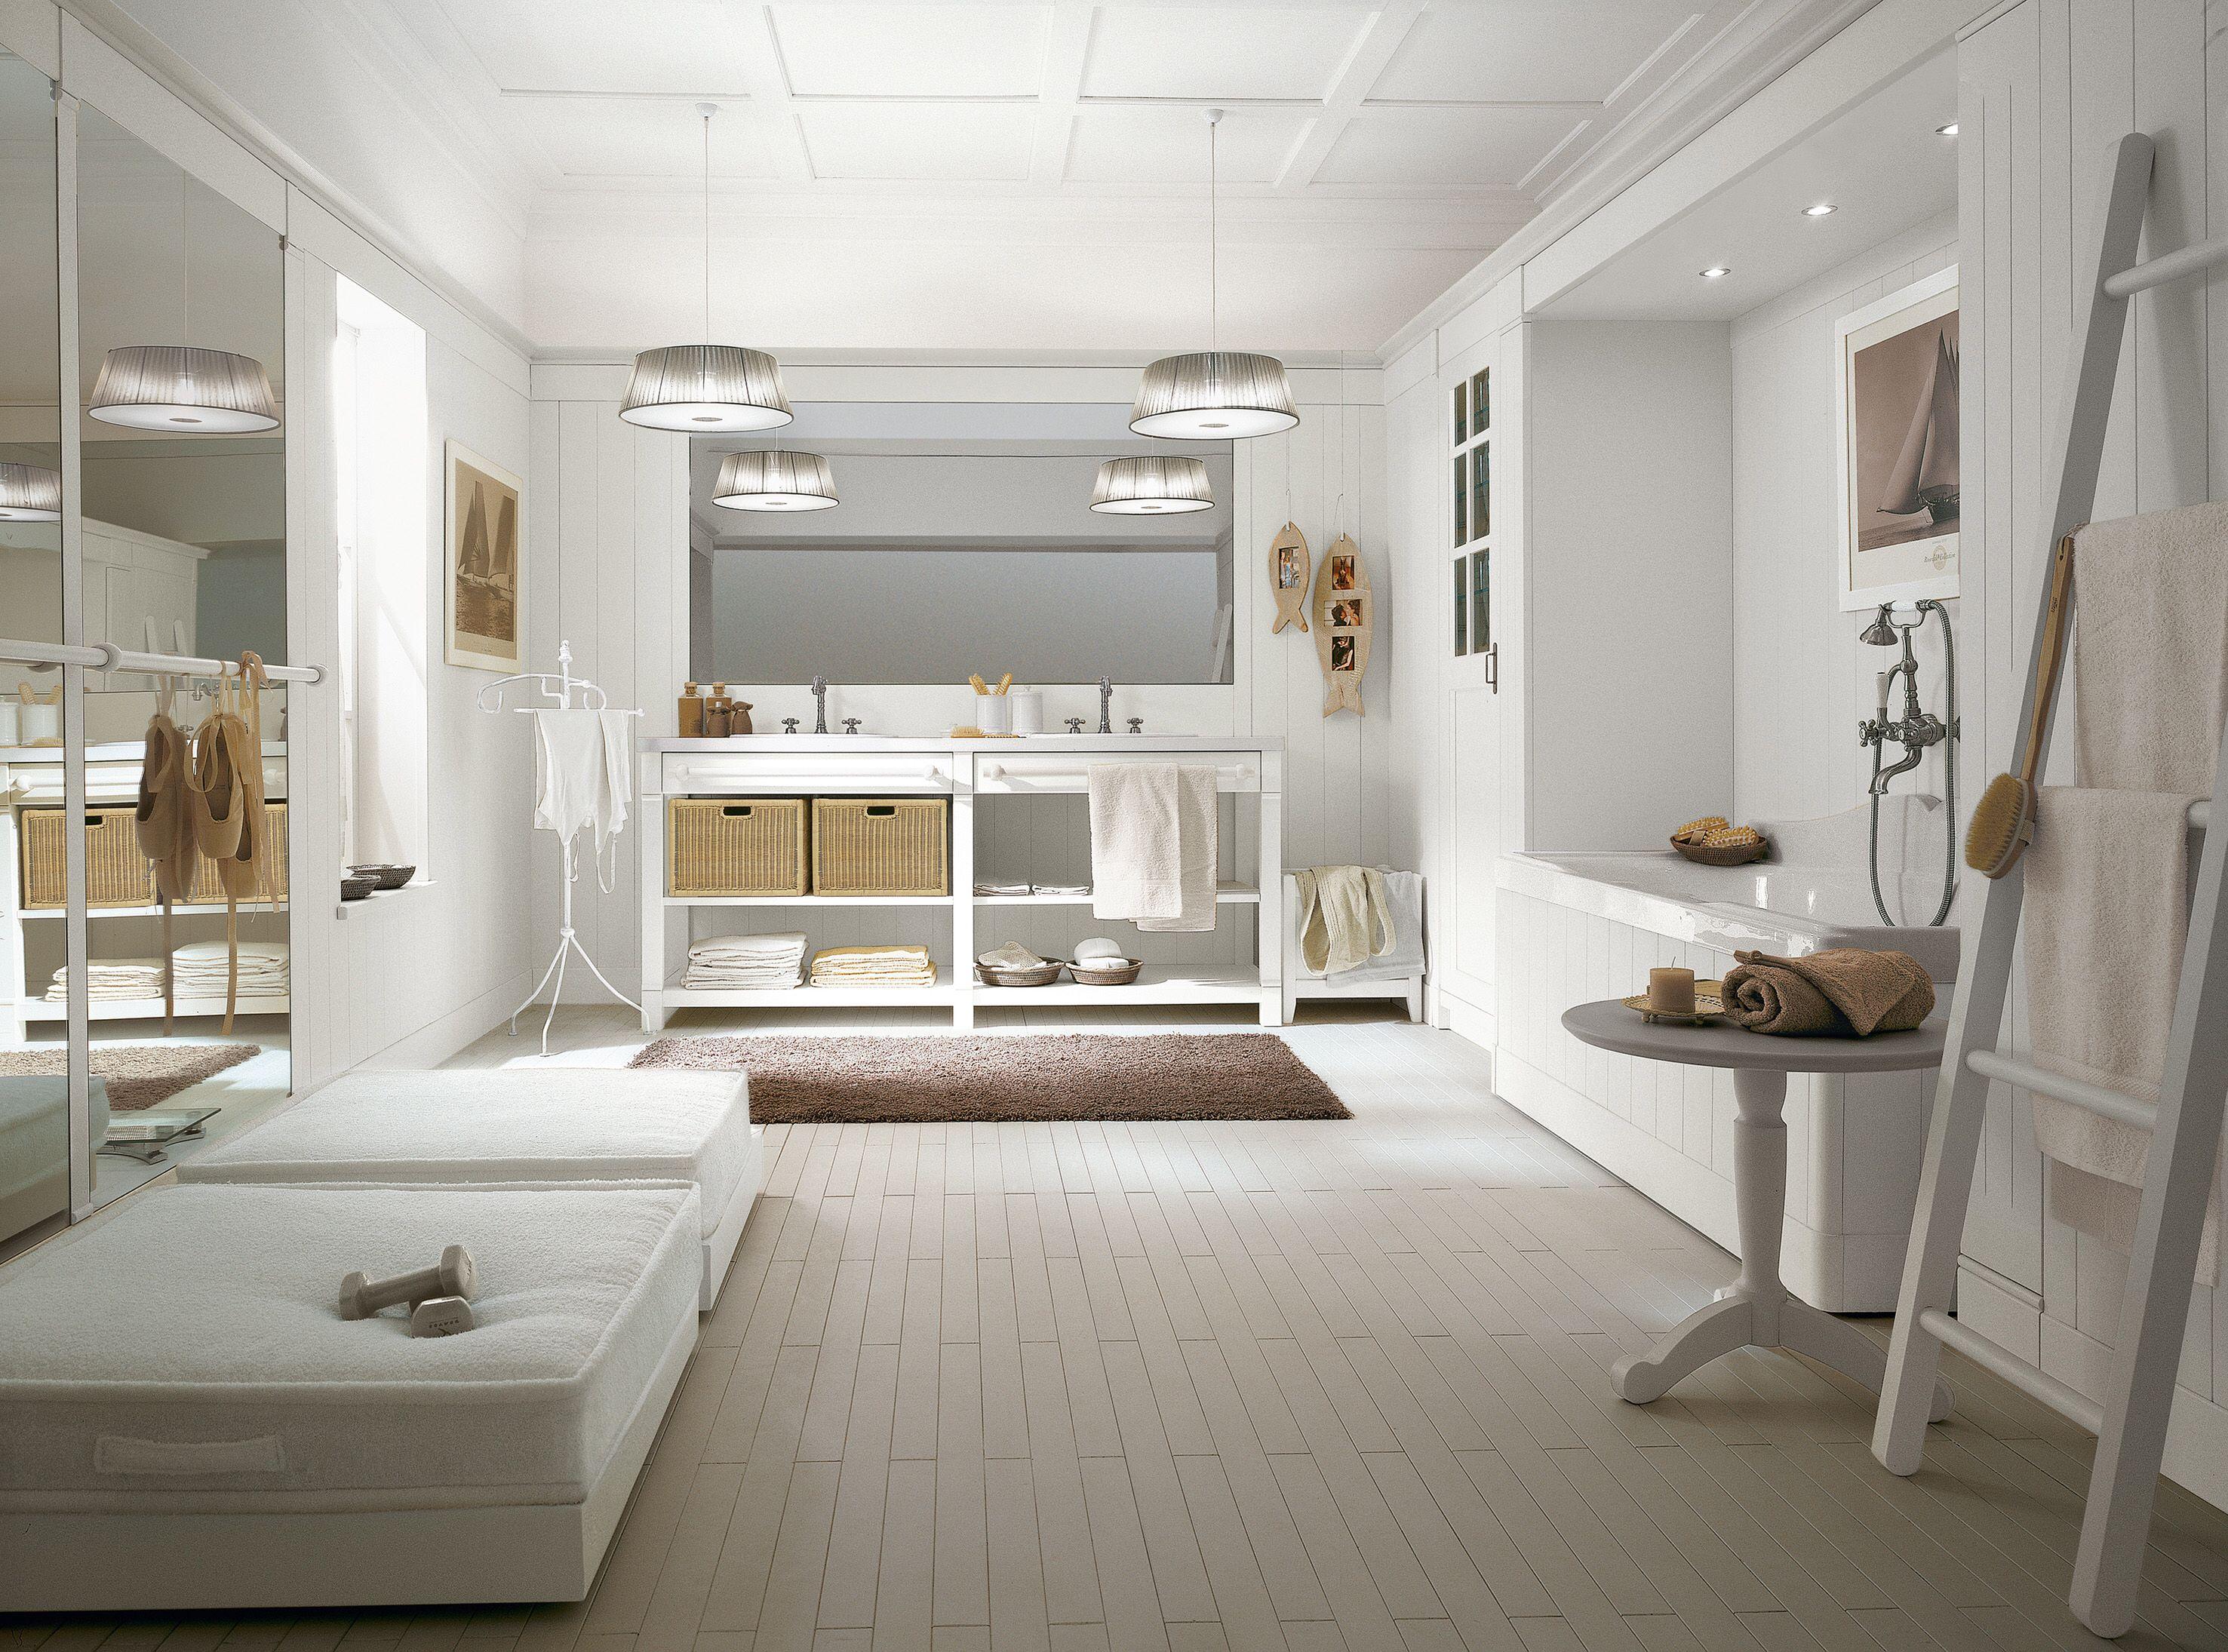 Vasca Da Bagno Grande In Inglese : English mood bathroom by minacciolo minacciolo englishmood